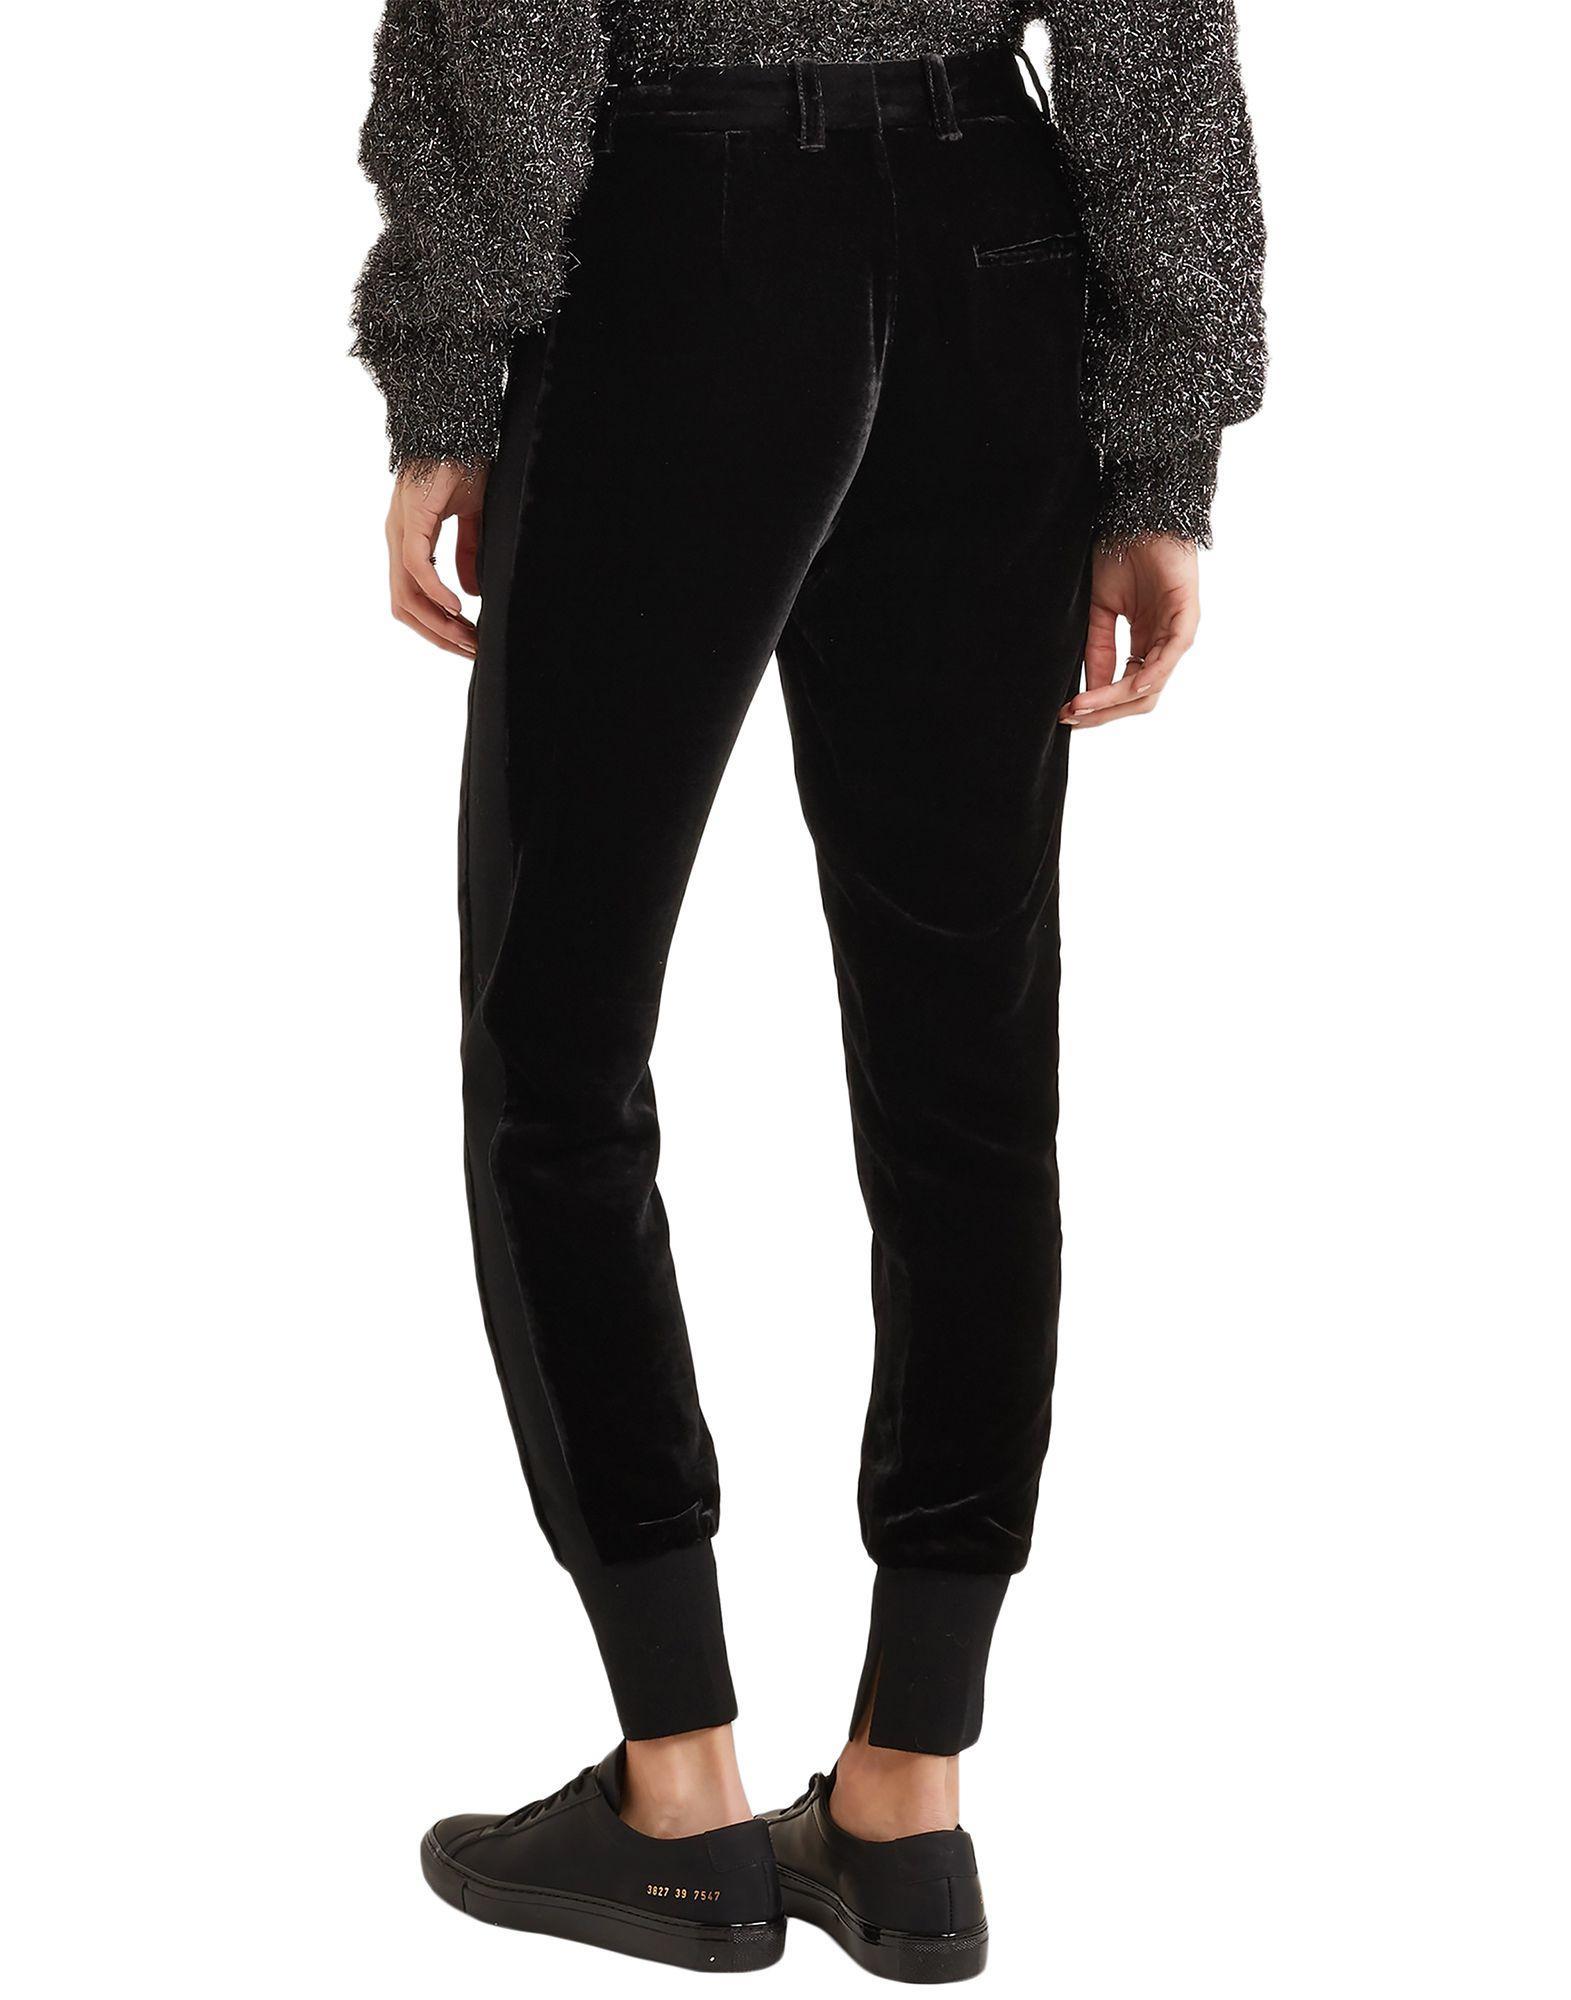 Pantalones 3.1 Phillip Lim de Terciopelo de color Negro